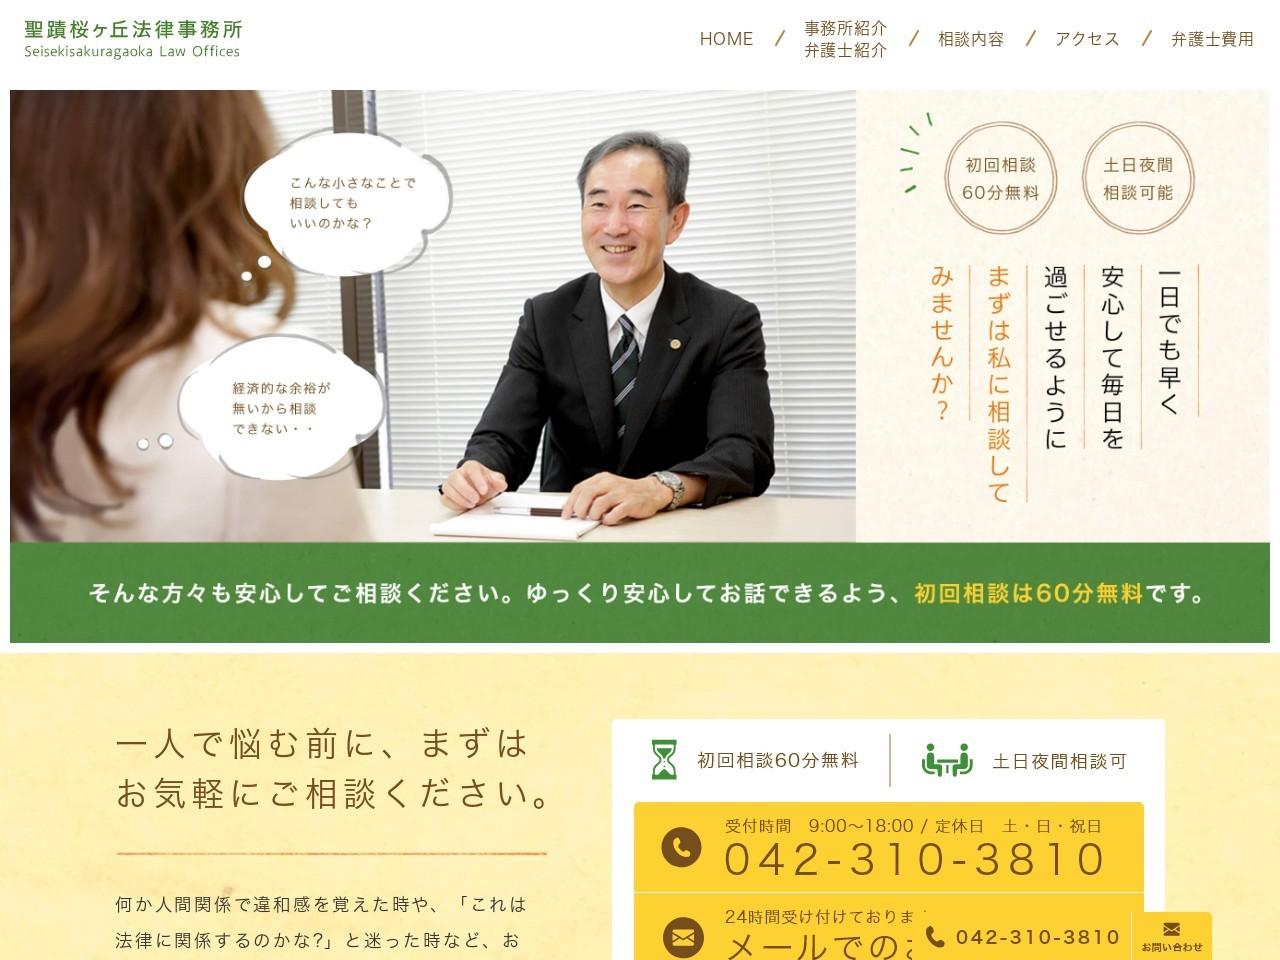 聖蹟桜ヶ丘法律事務所